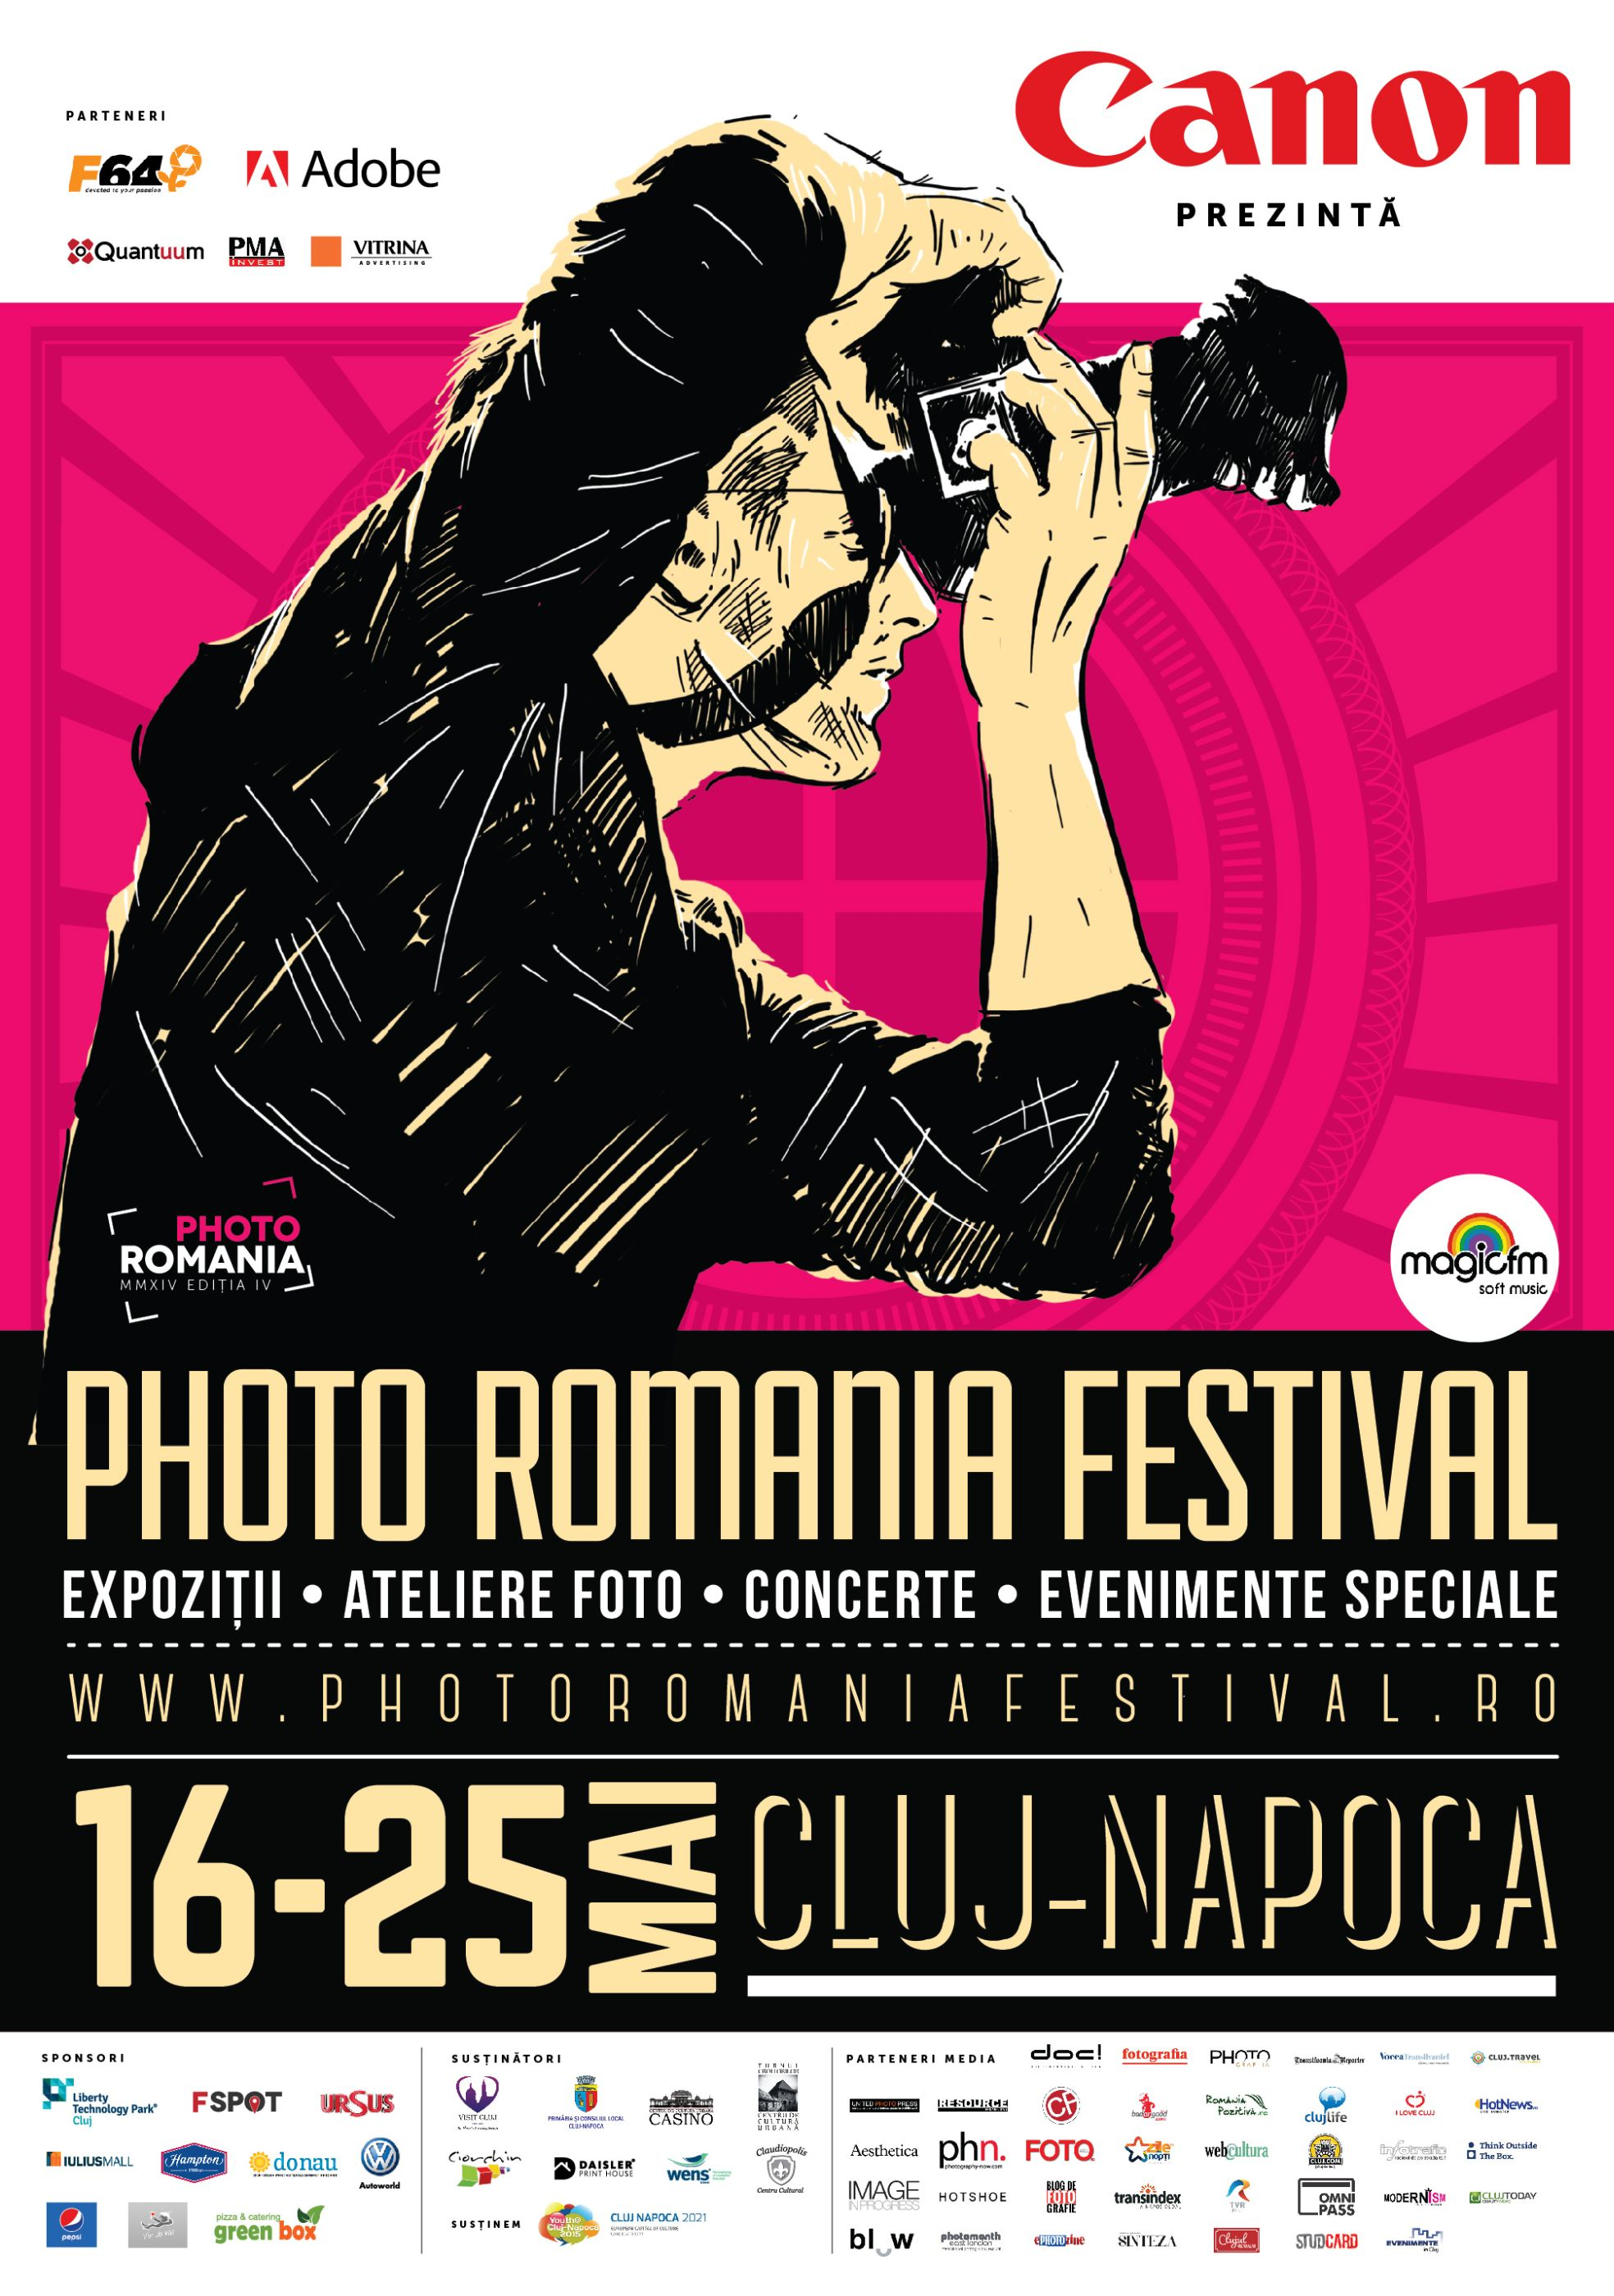 Interes crescut pentru competitiile Photo Romania Festival. Participa fotografi din 20 de tari